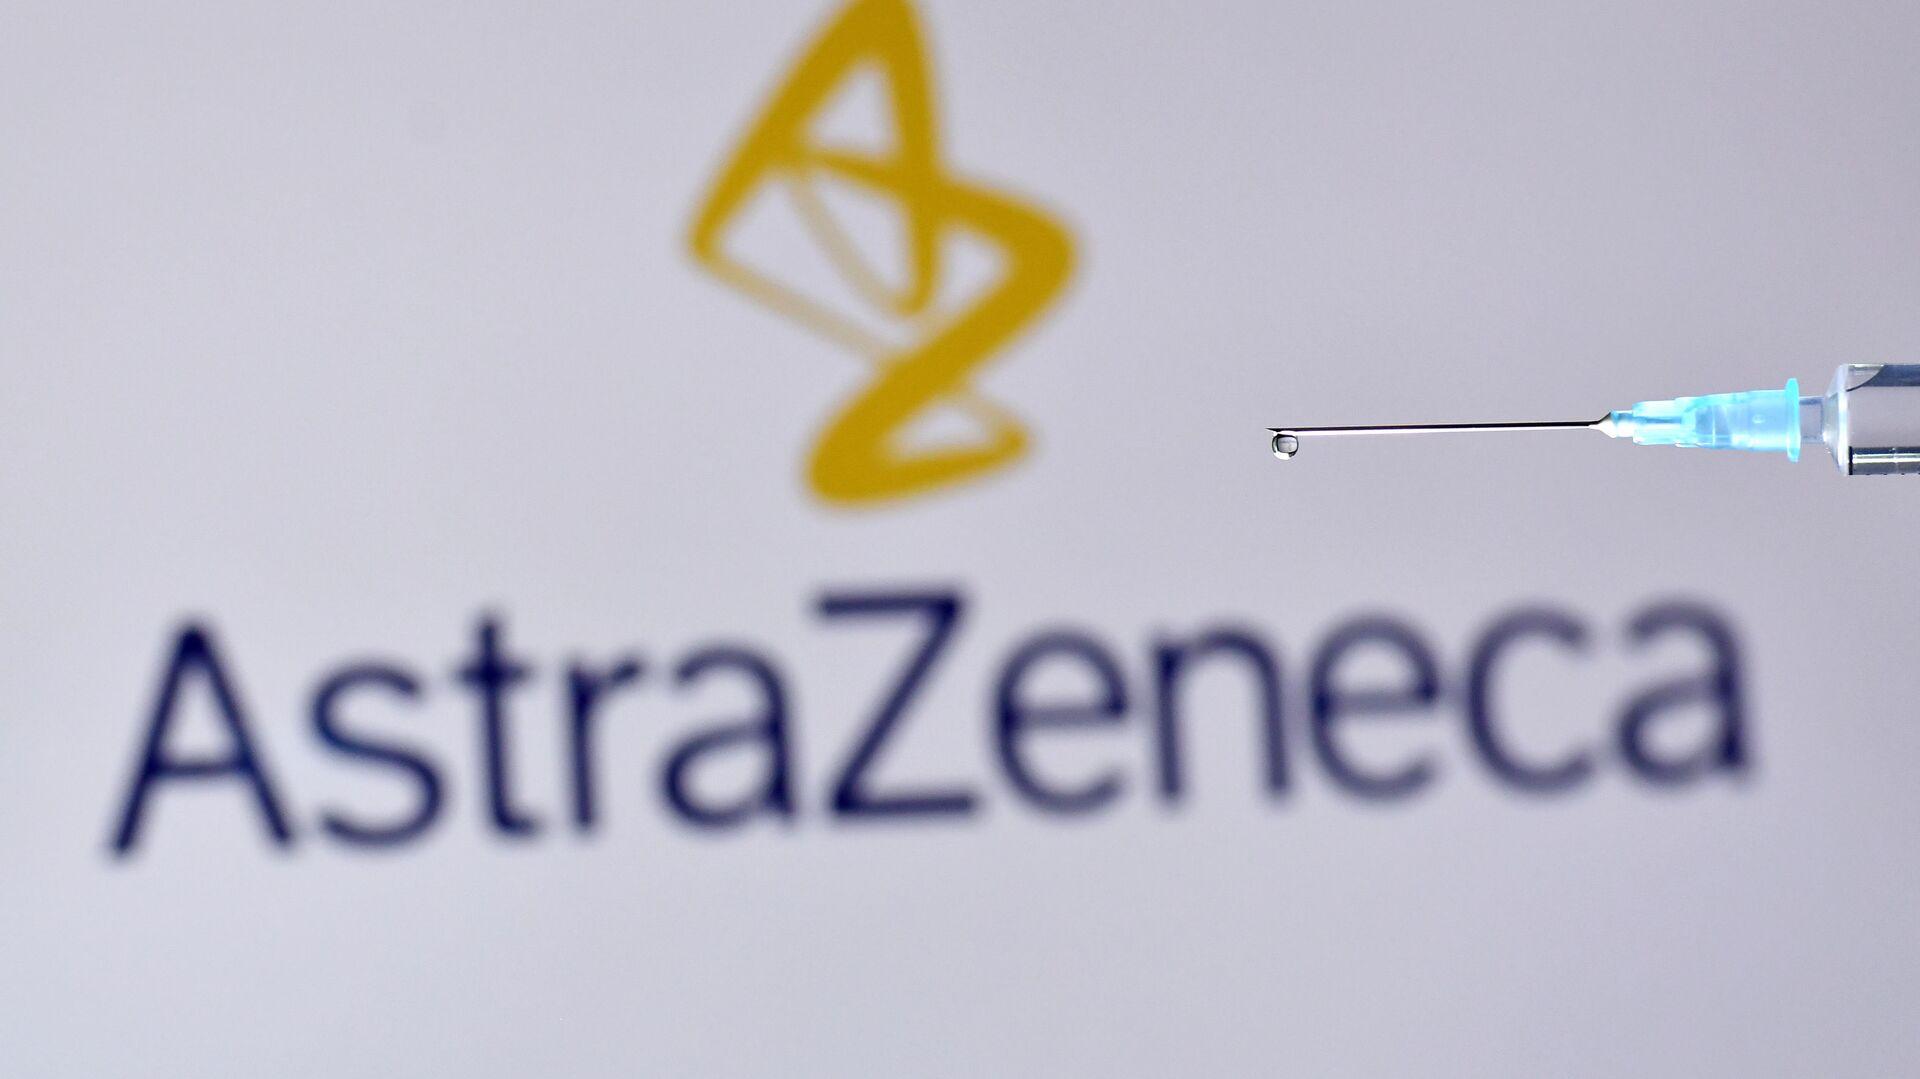 El logo de AstraZeneca - Sputnik Mundo, 1920, 01.02.2021